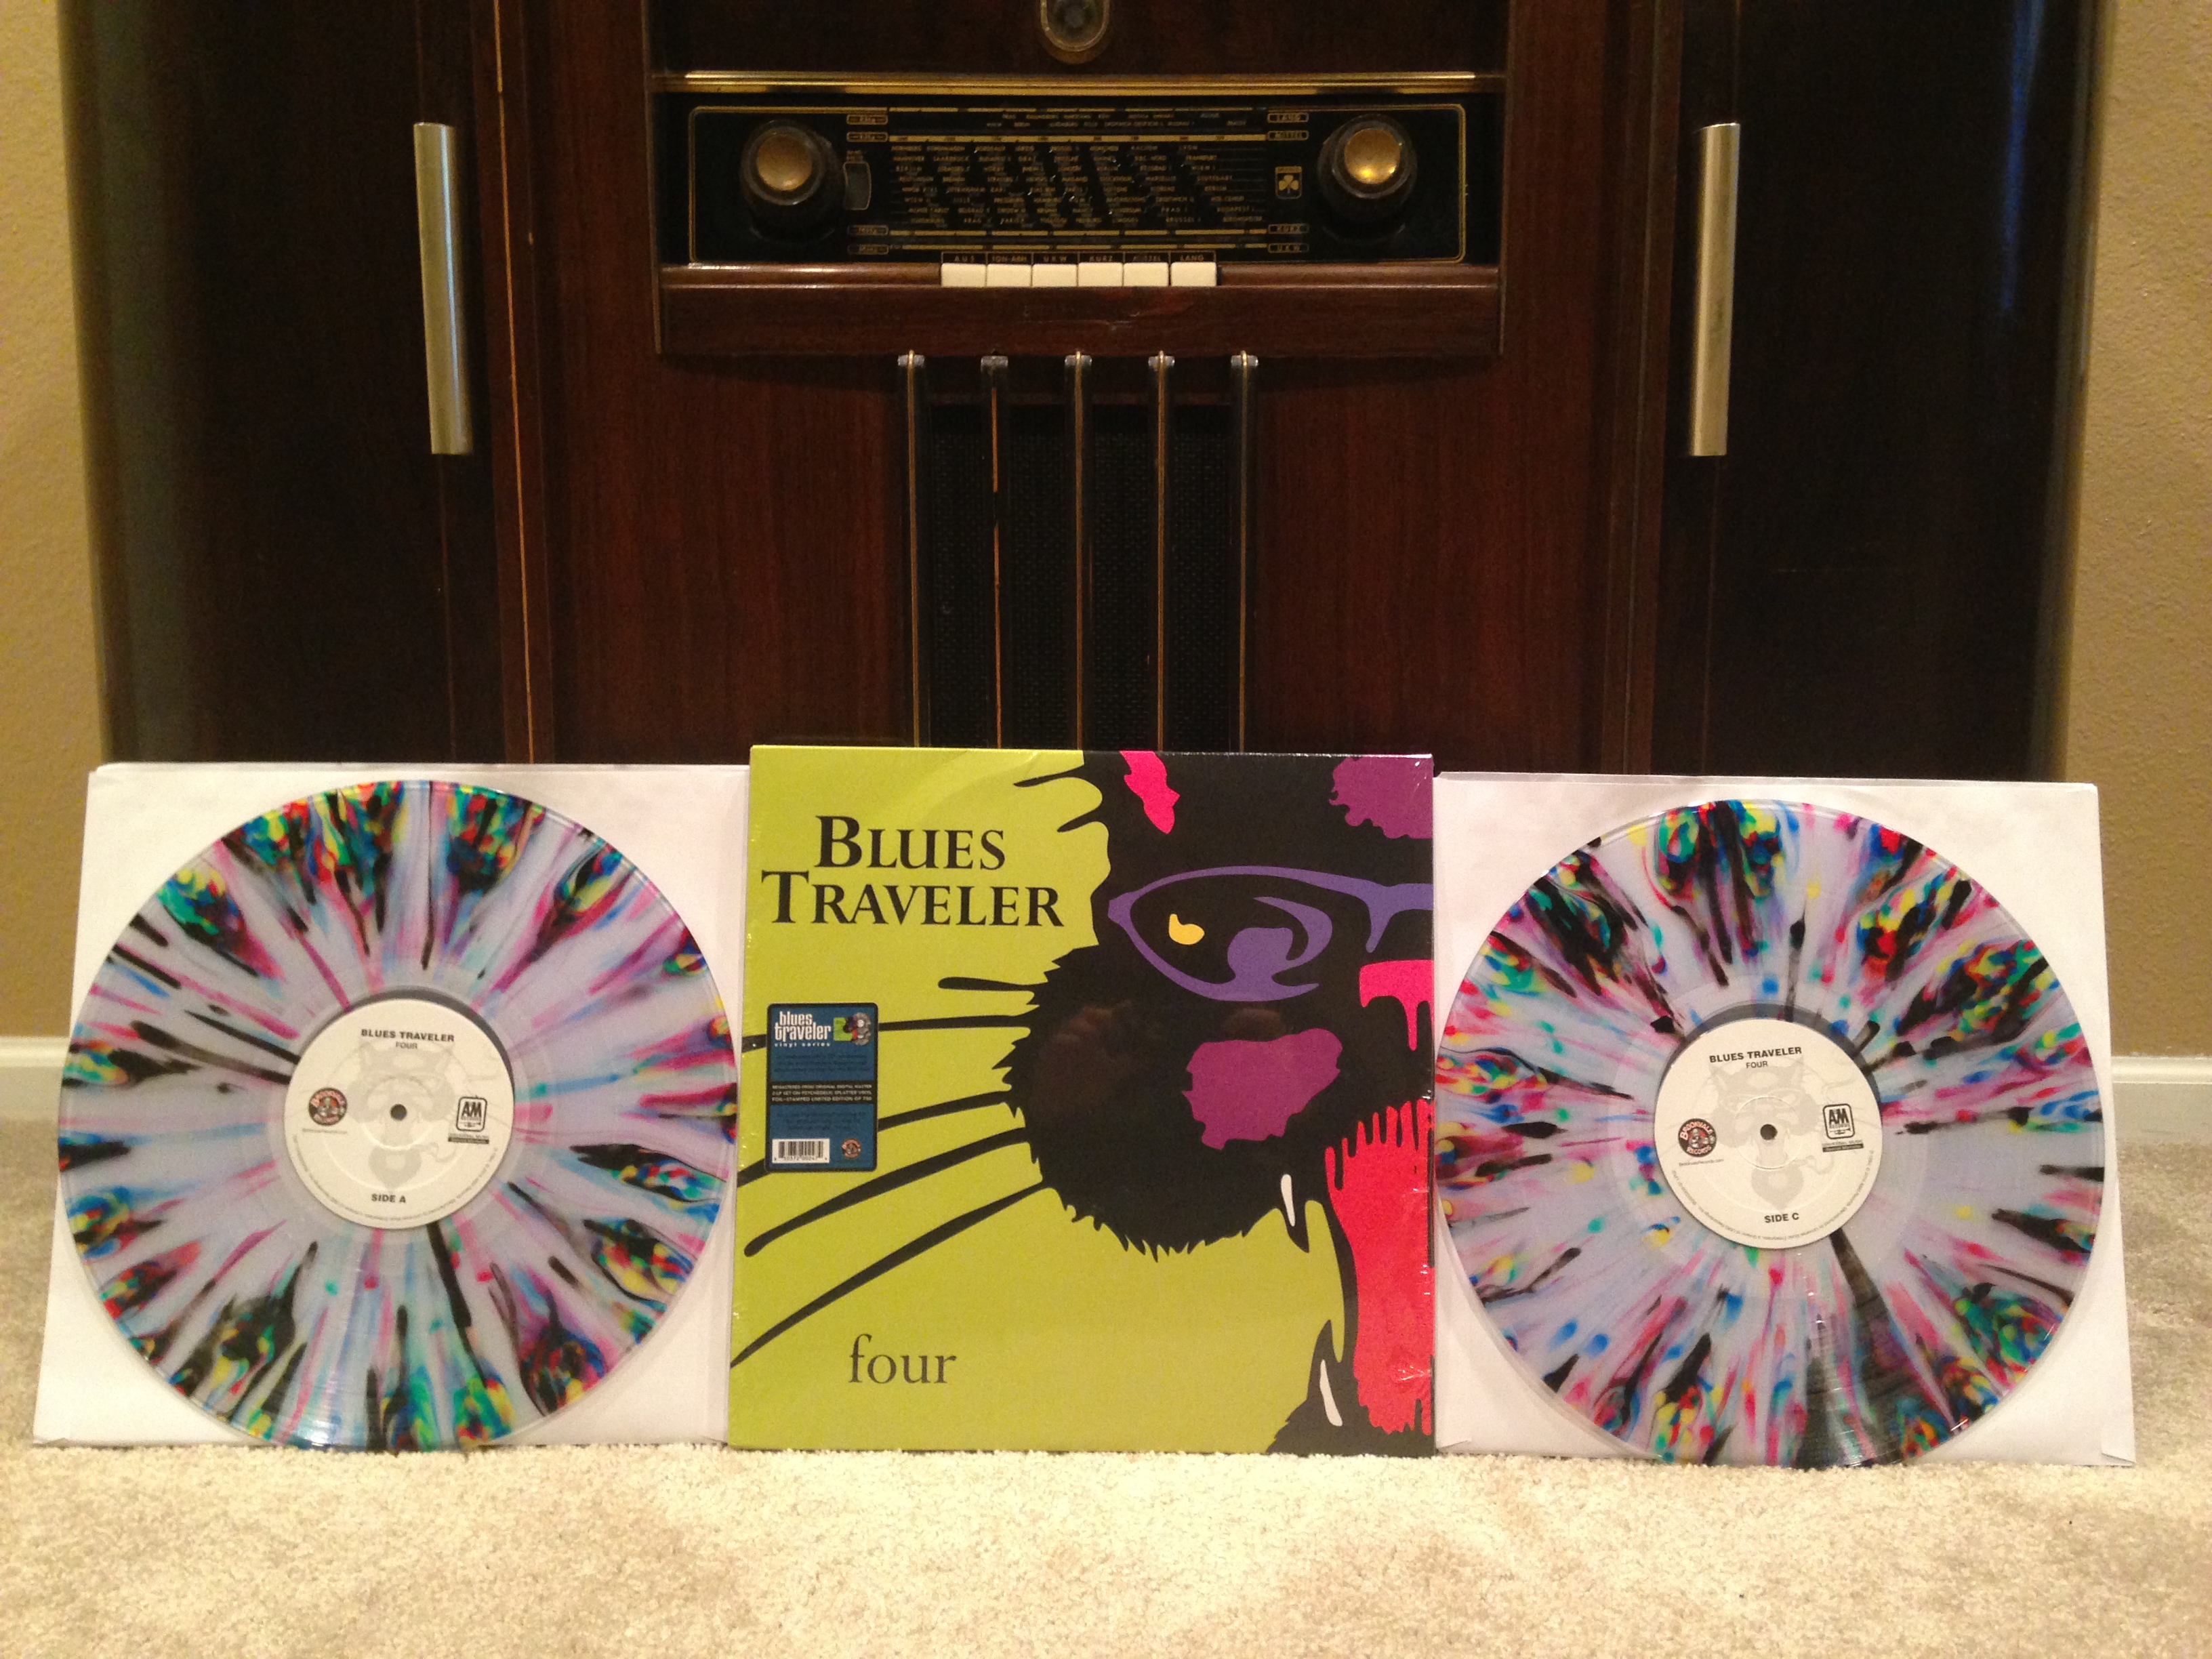 Blues Traveler Reissues Worth The Wait Modern Vinyl